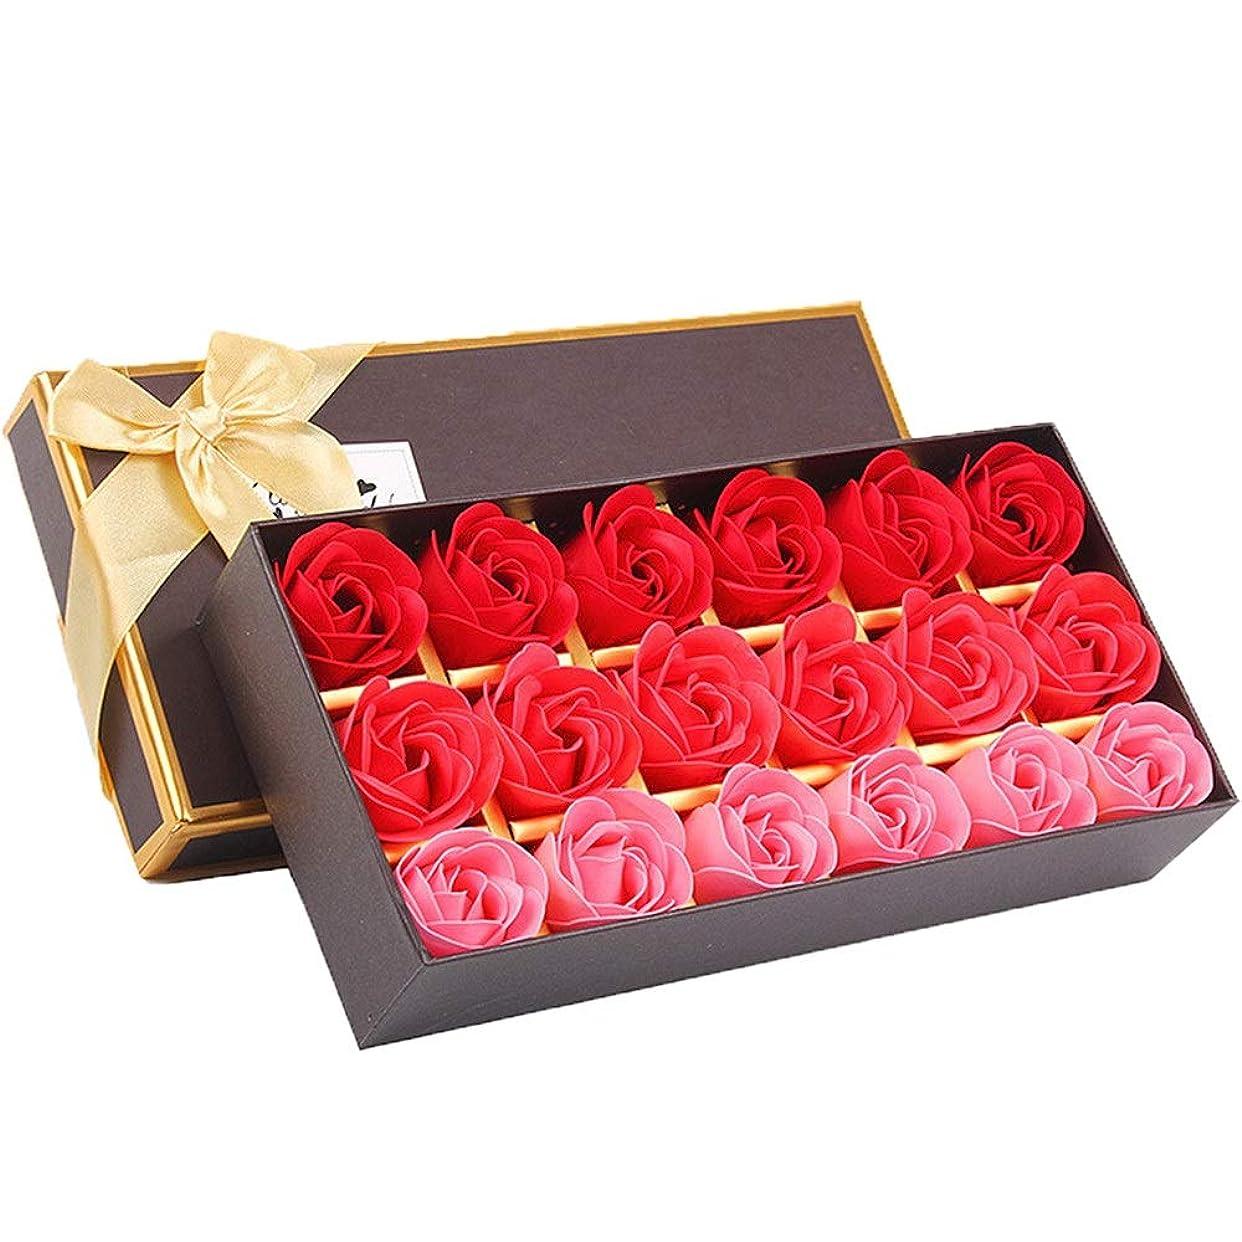 委任する潮不良18個の手作りのローズの香りのバスソープの花びら香りのバスソープは、ギフトボックスの花びらをバラ (色 : 赤)